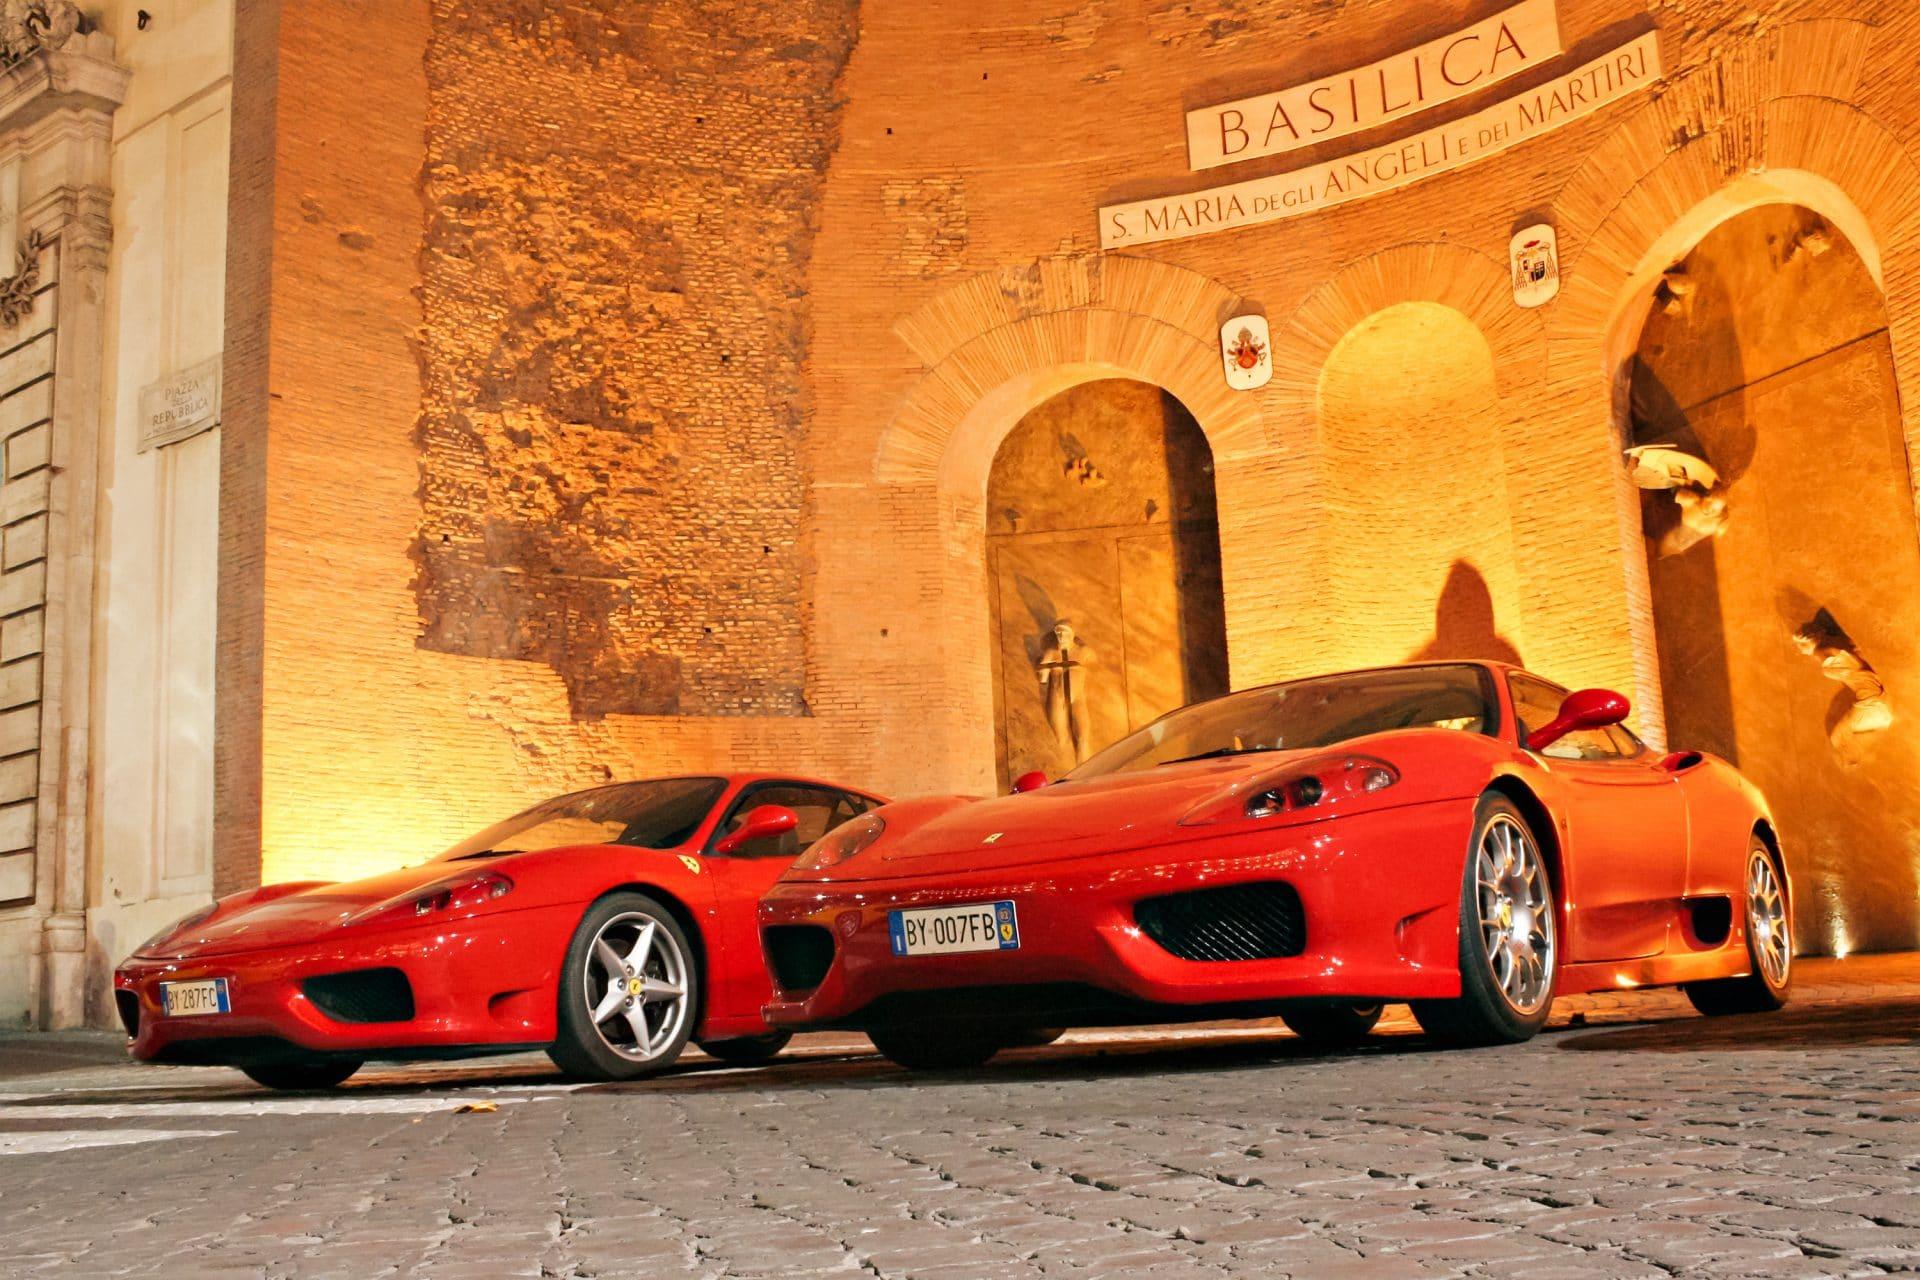 Two red Ferraris at Piazza della Repubblica in Rome